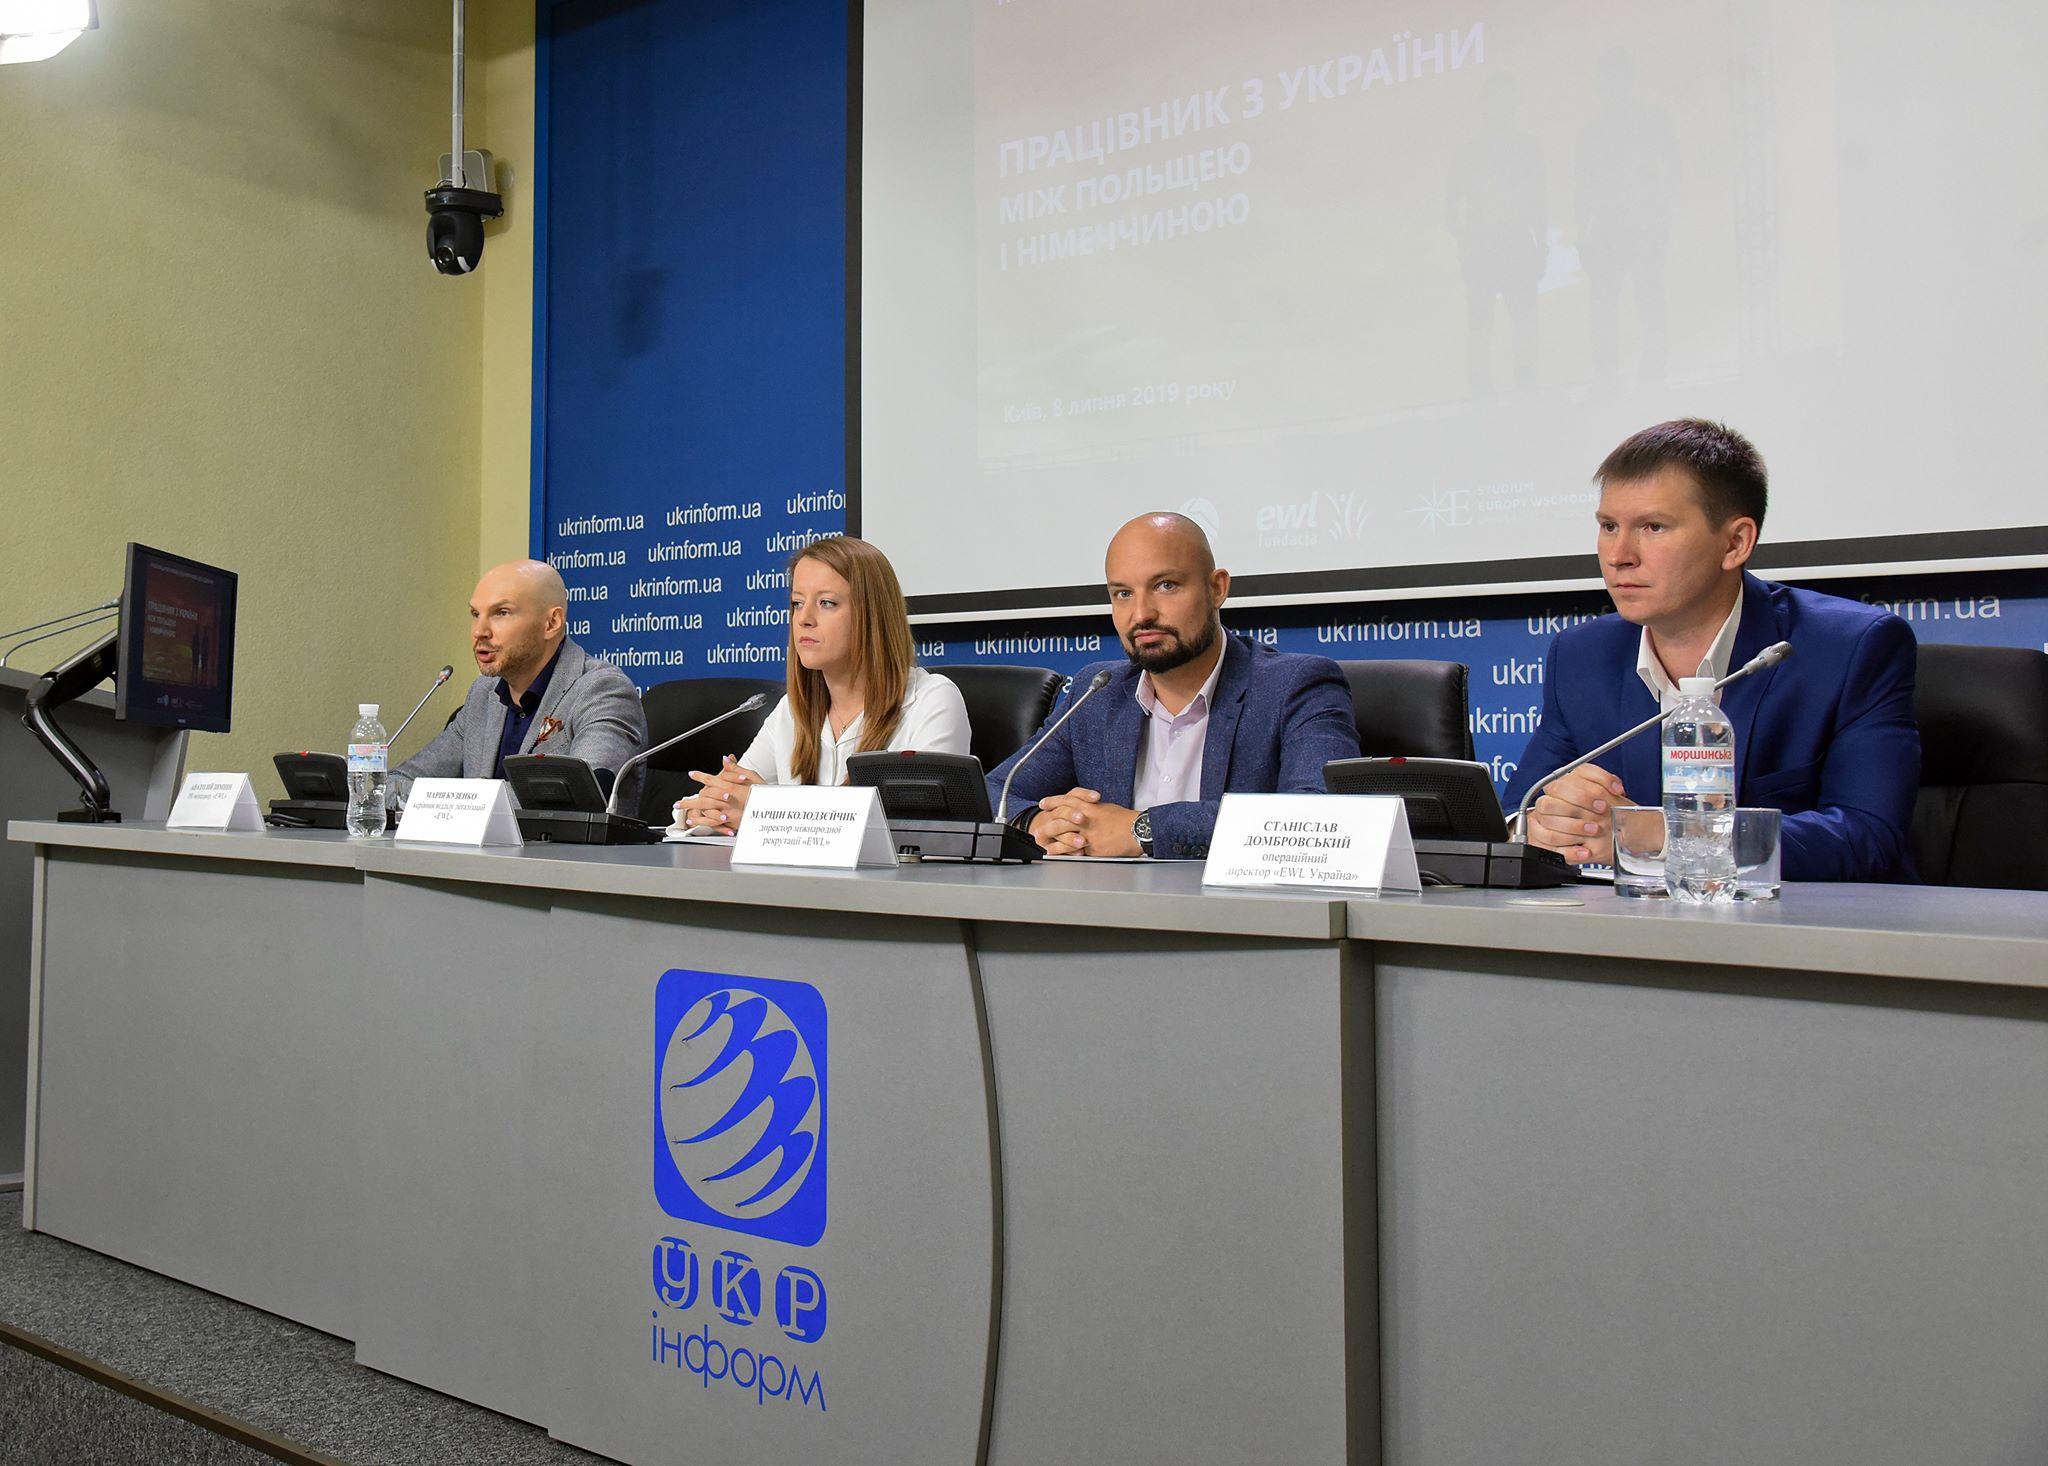 Презентація дослідження «Працівник з України між Польщею та Німеччиною» в Києві